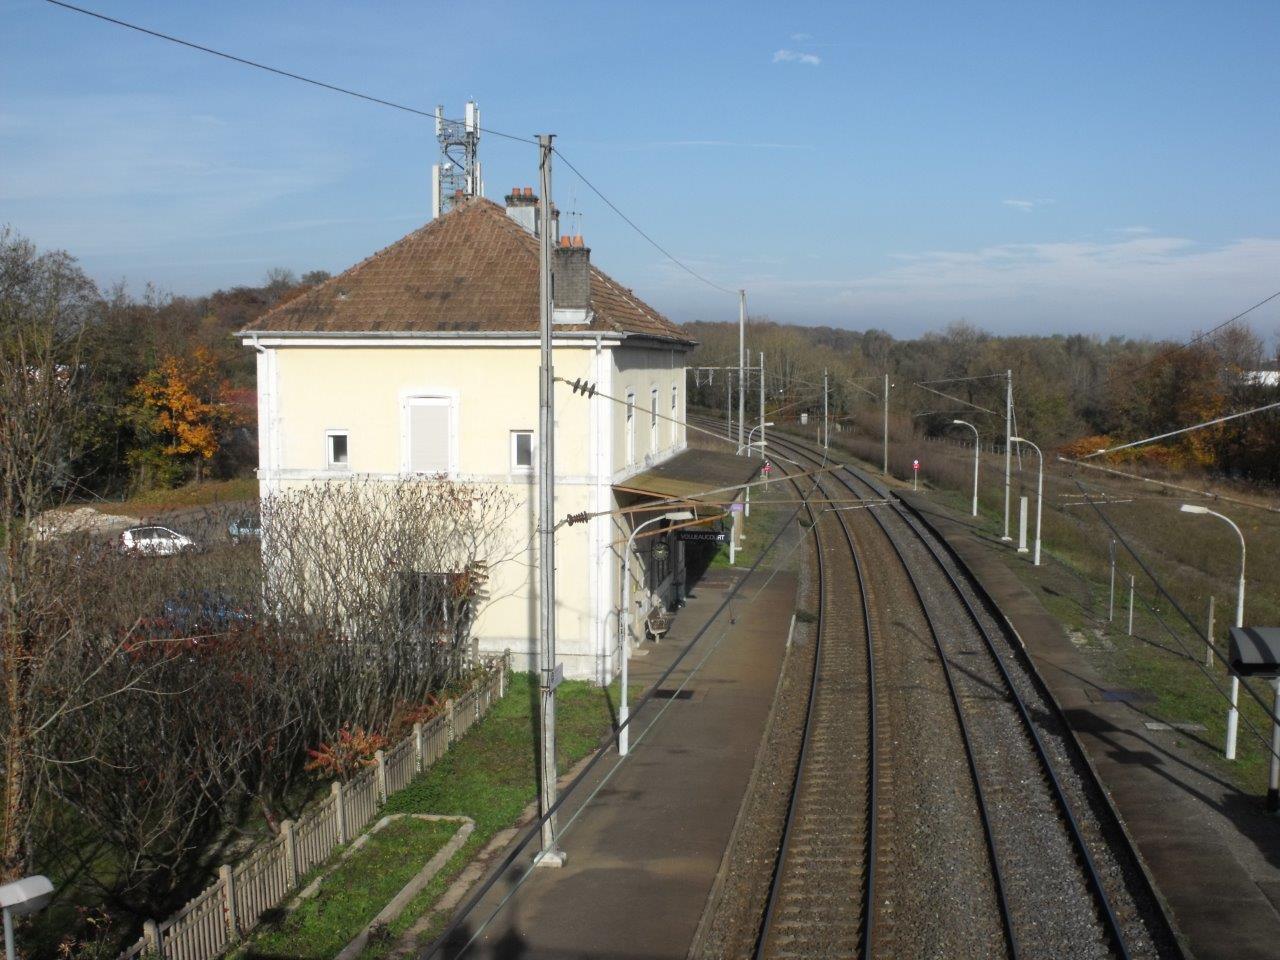 gare-de-voujeaucourt-train-station